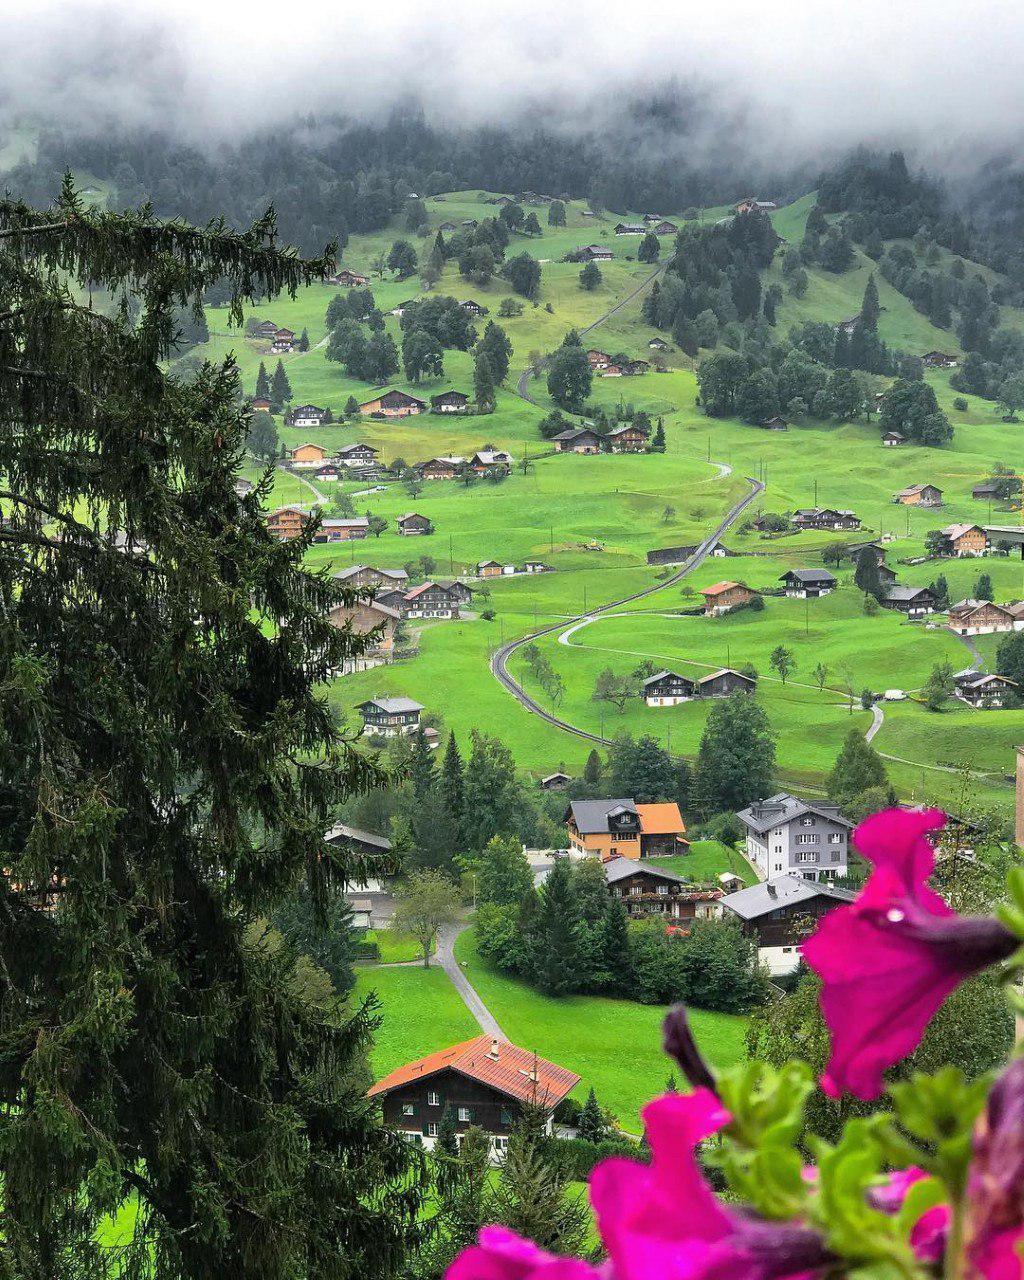 سوئیس ، گریندلوالد **abdolla**